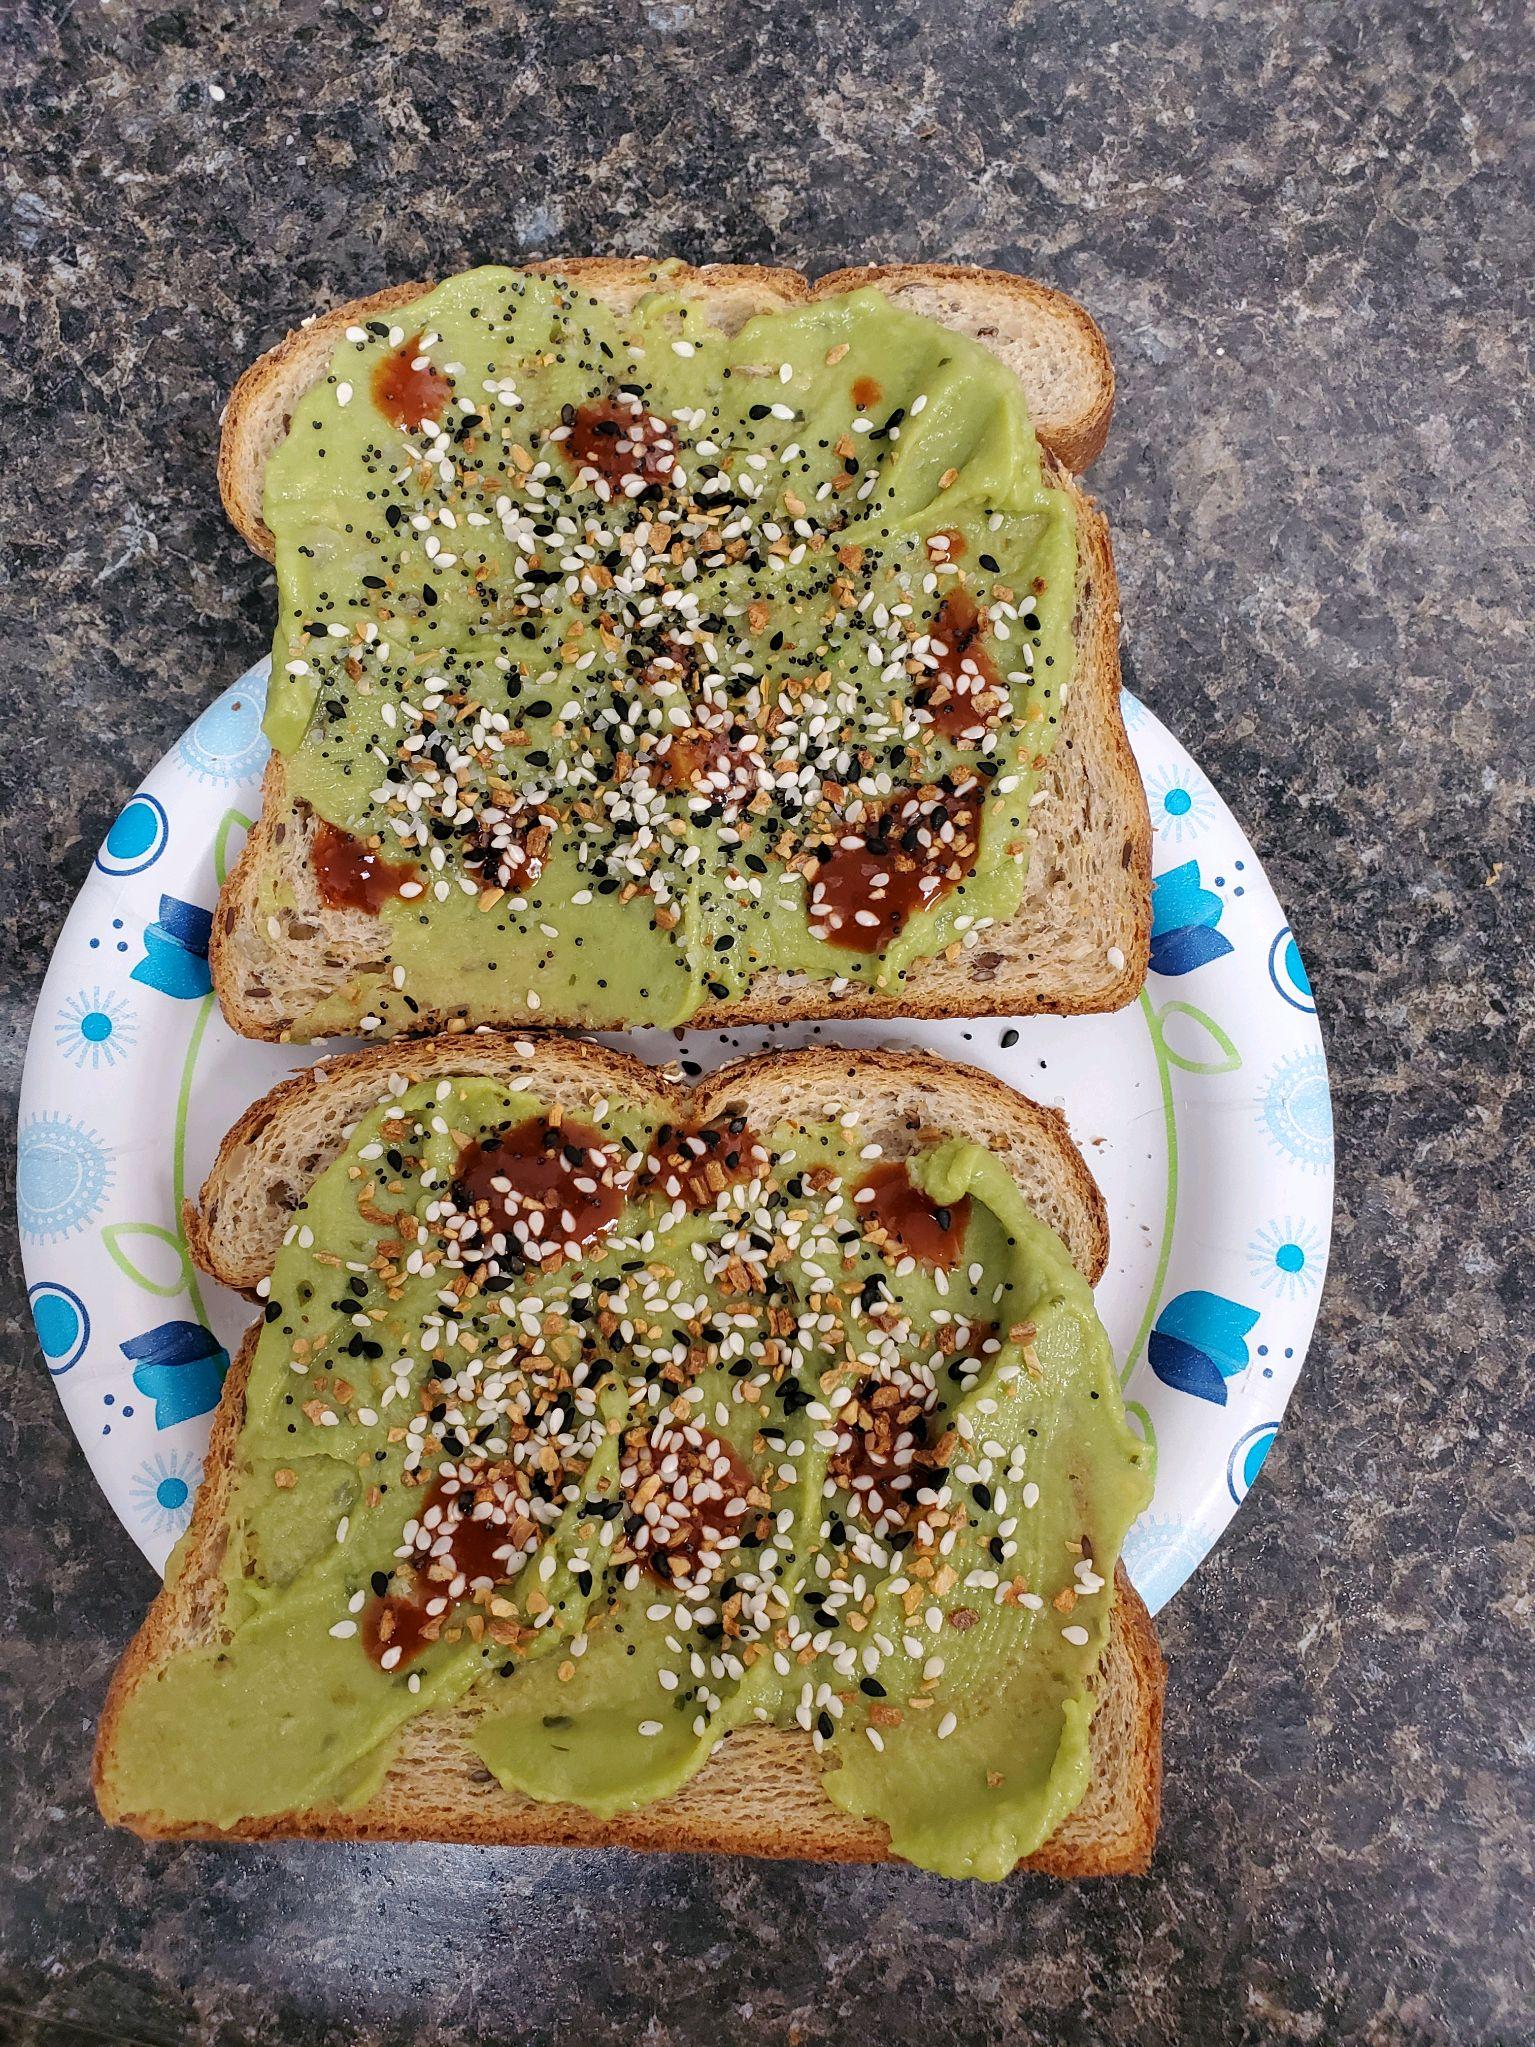 avocado toast meals during quarantine